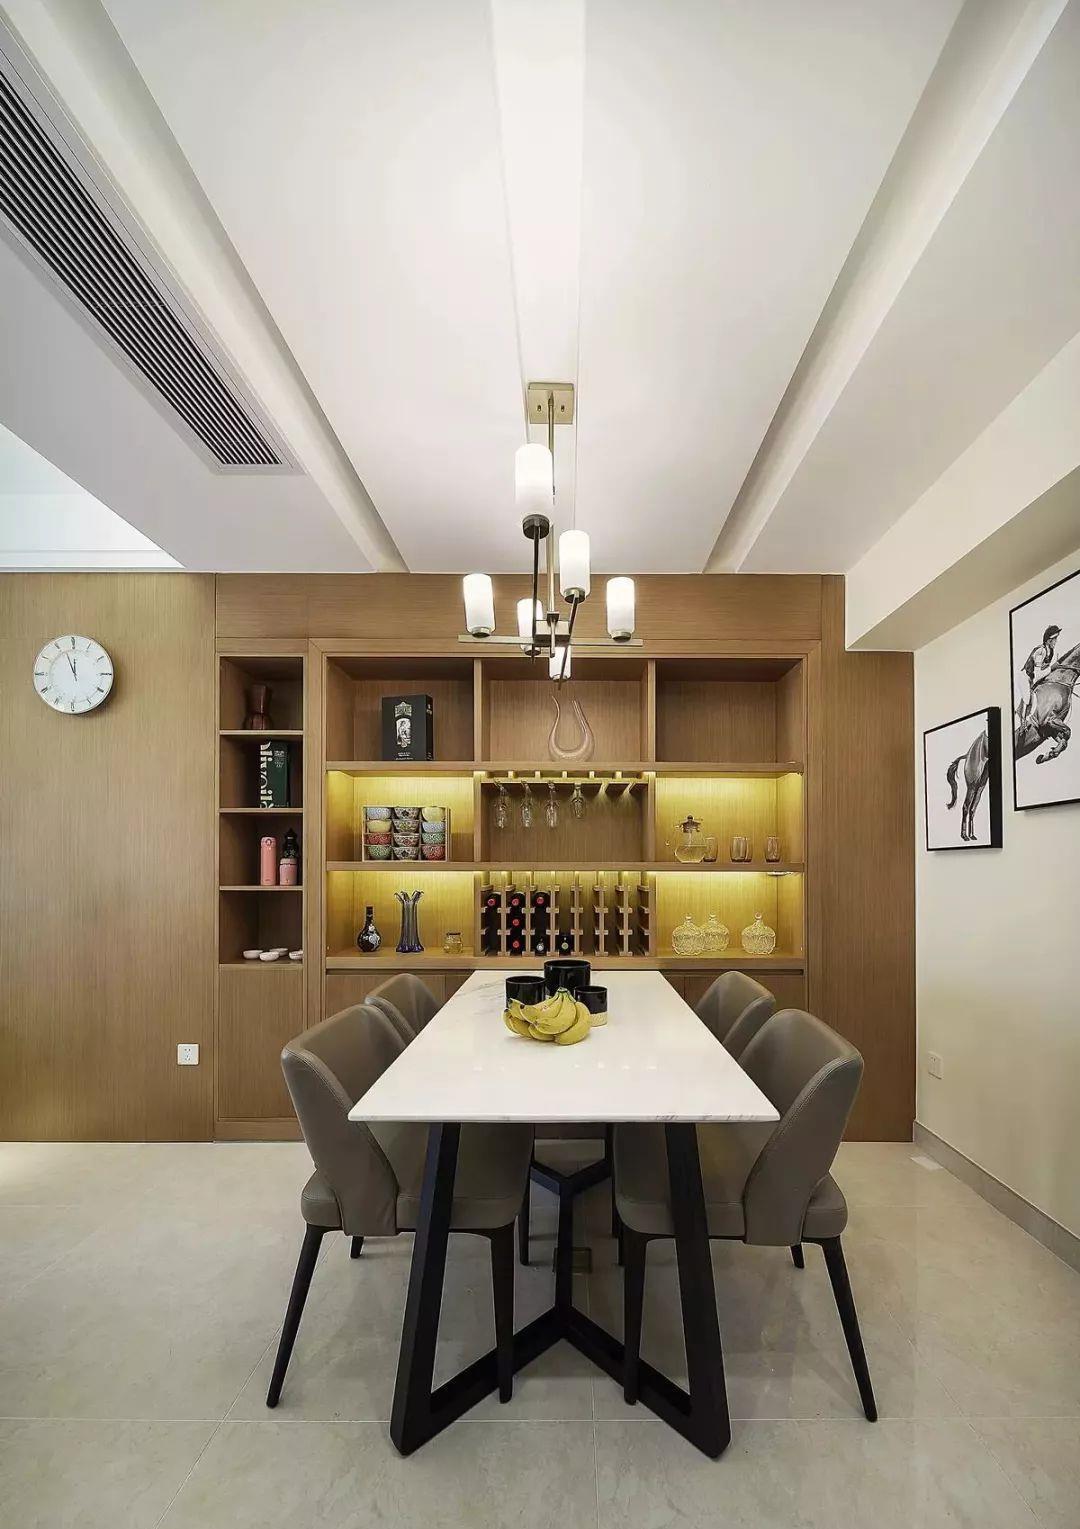 125现代简约三居室,大理石电视墙、情趣酒柜好哪个餐厅宜宾酒店图片